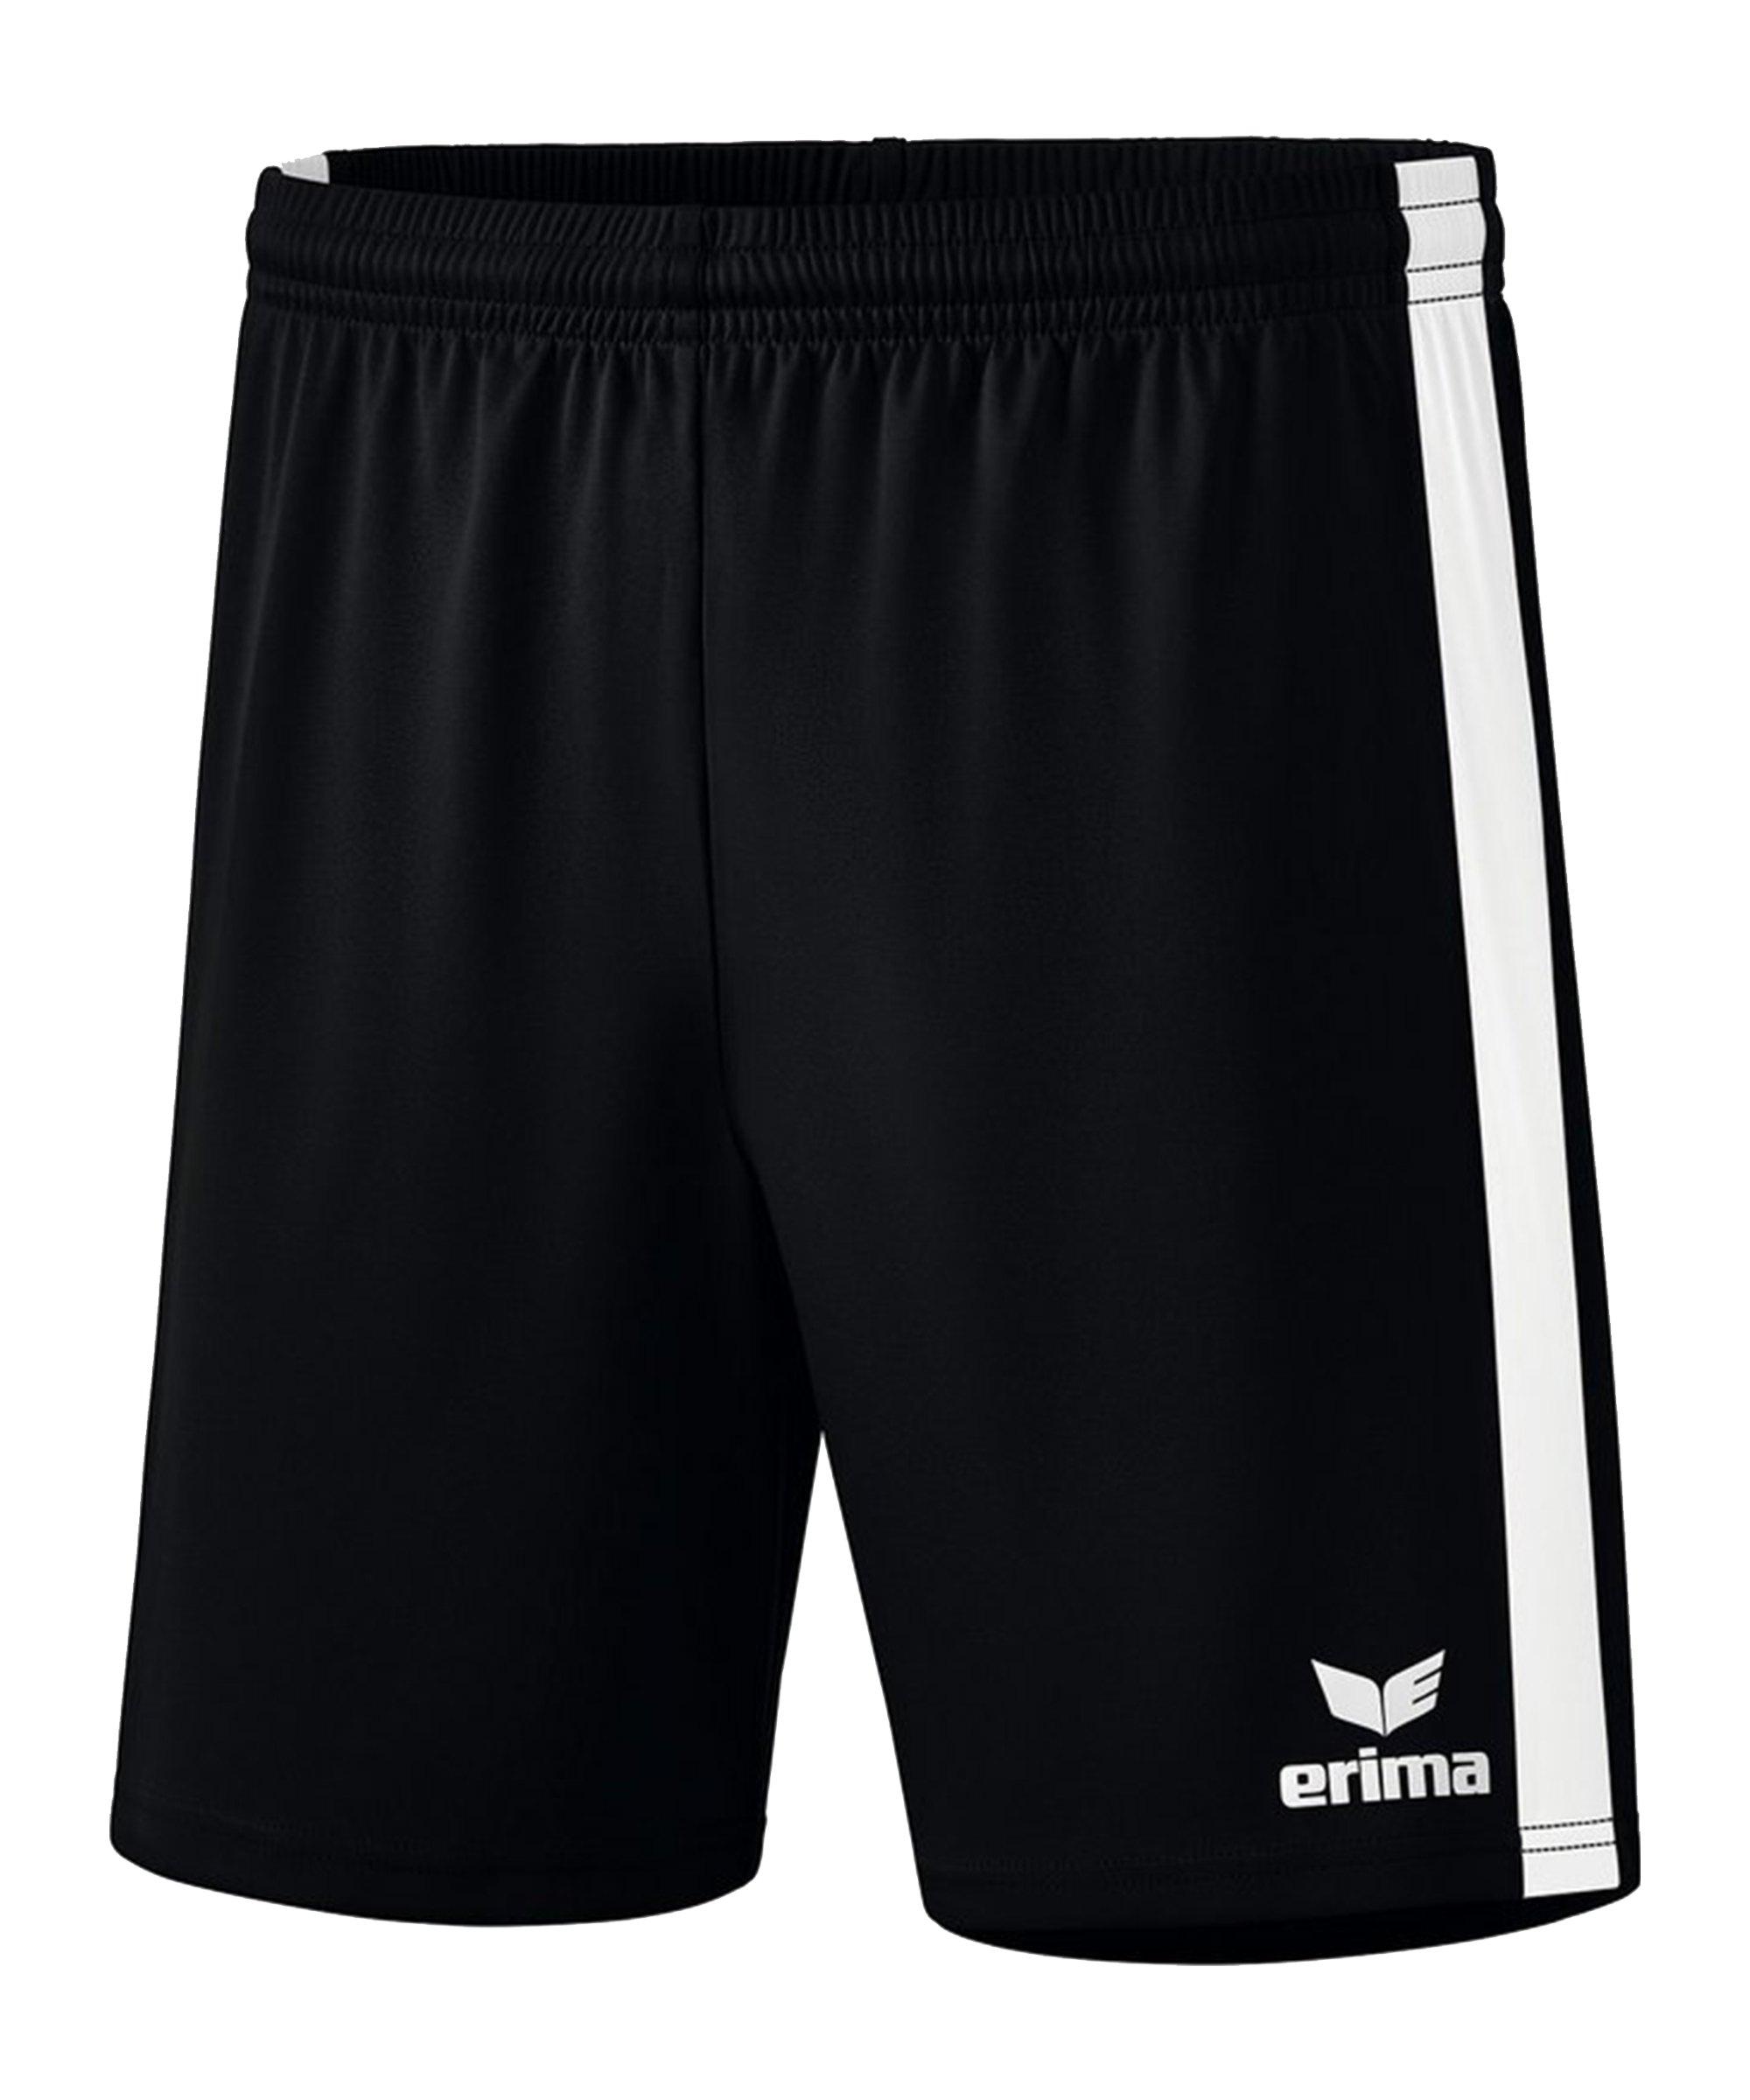 Erima Retro Star Short Schwarz Weiss - schwarz